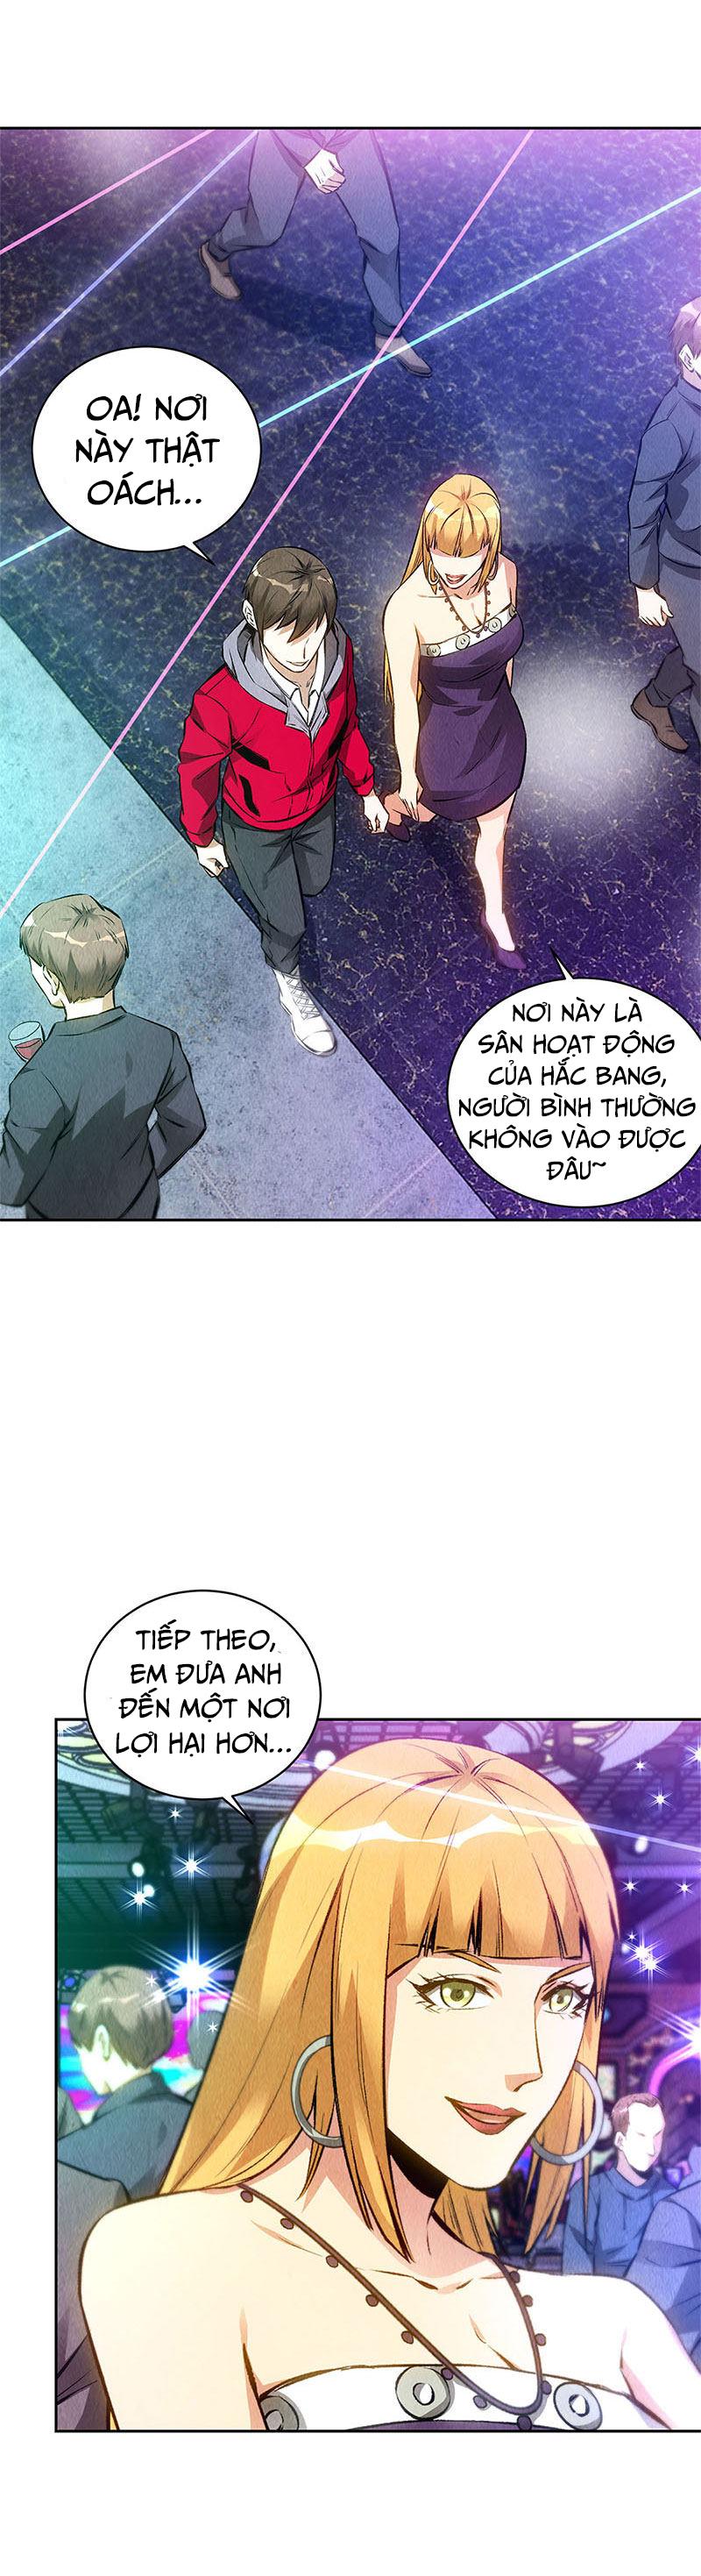 Ta Là Phế Vật chap 111 - Trang 5